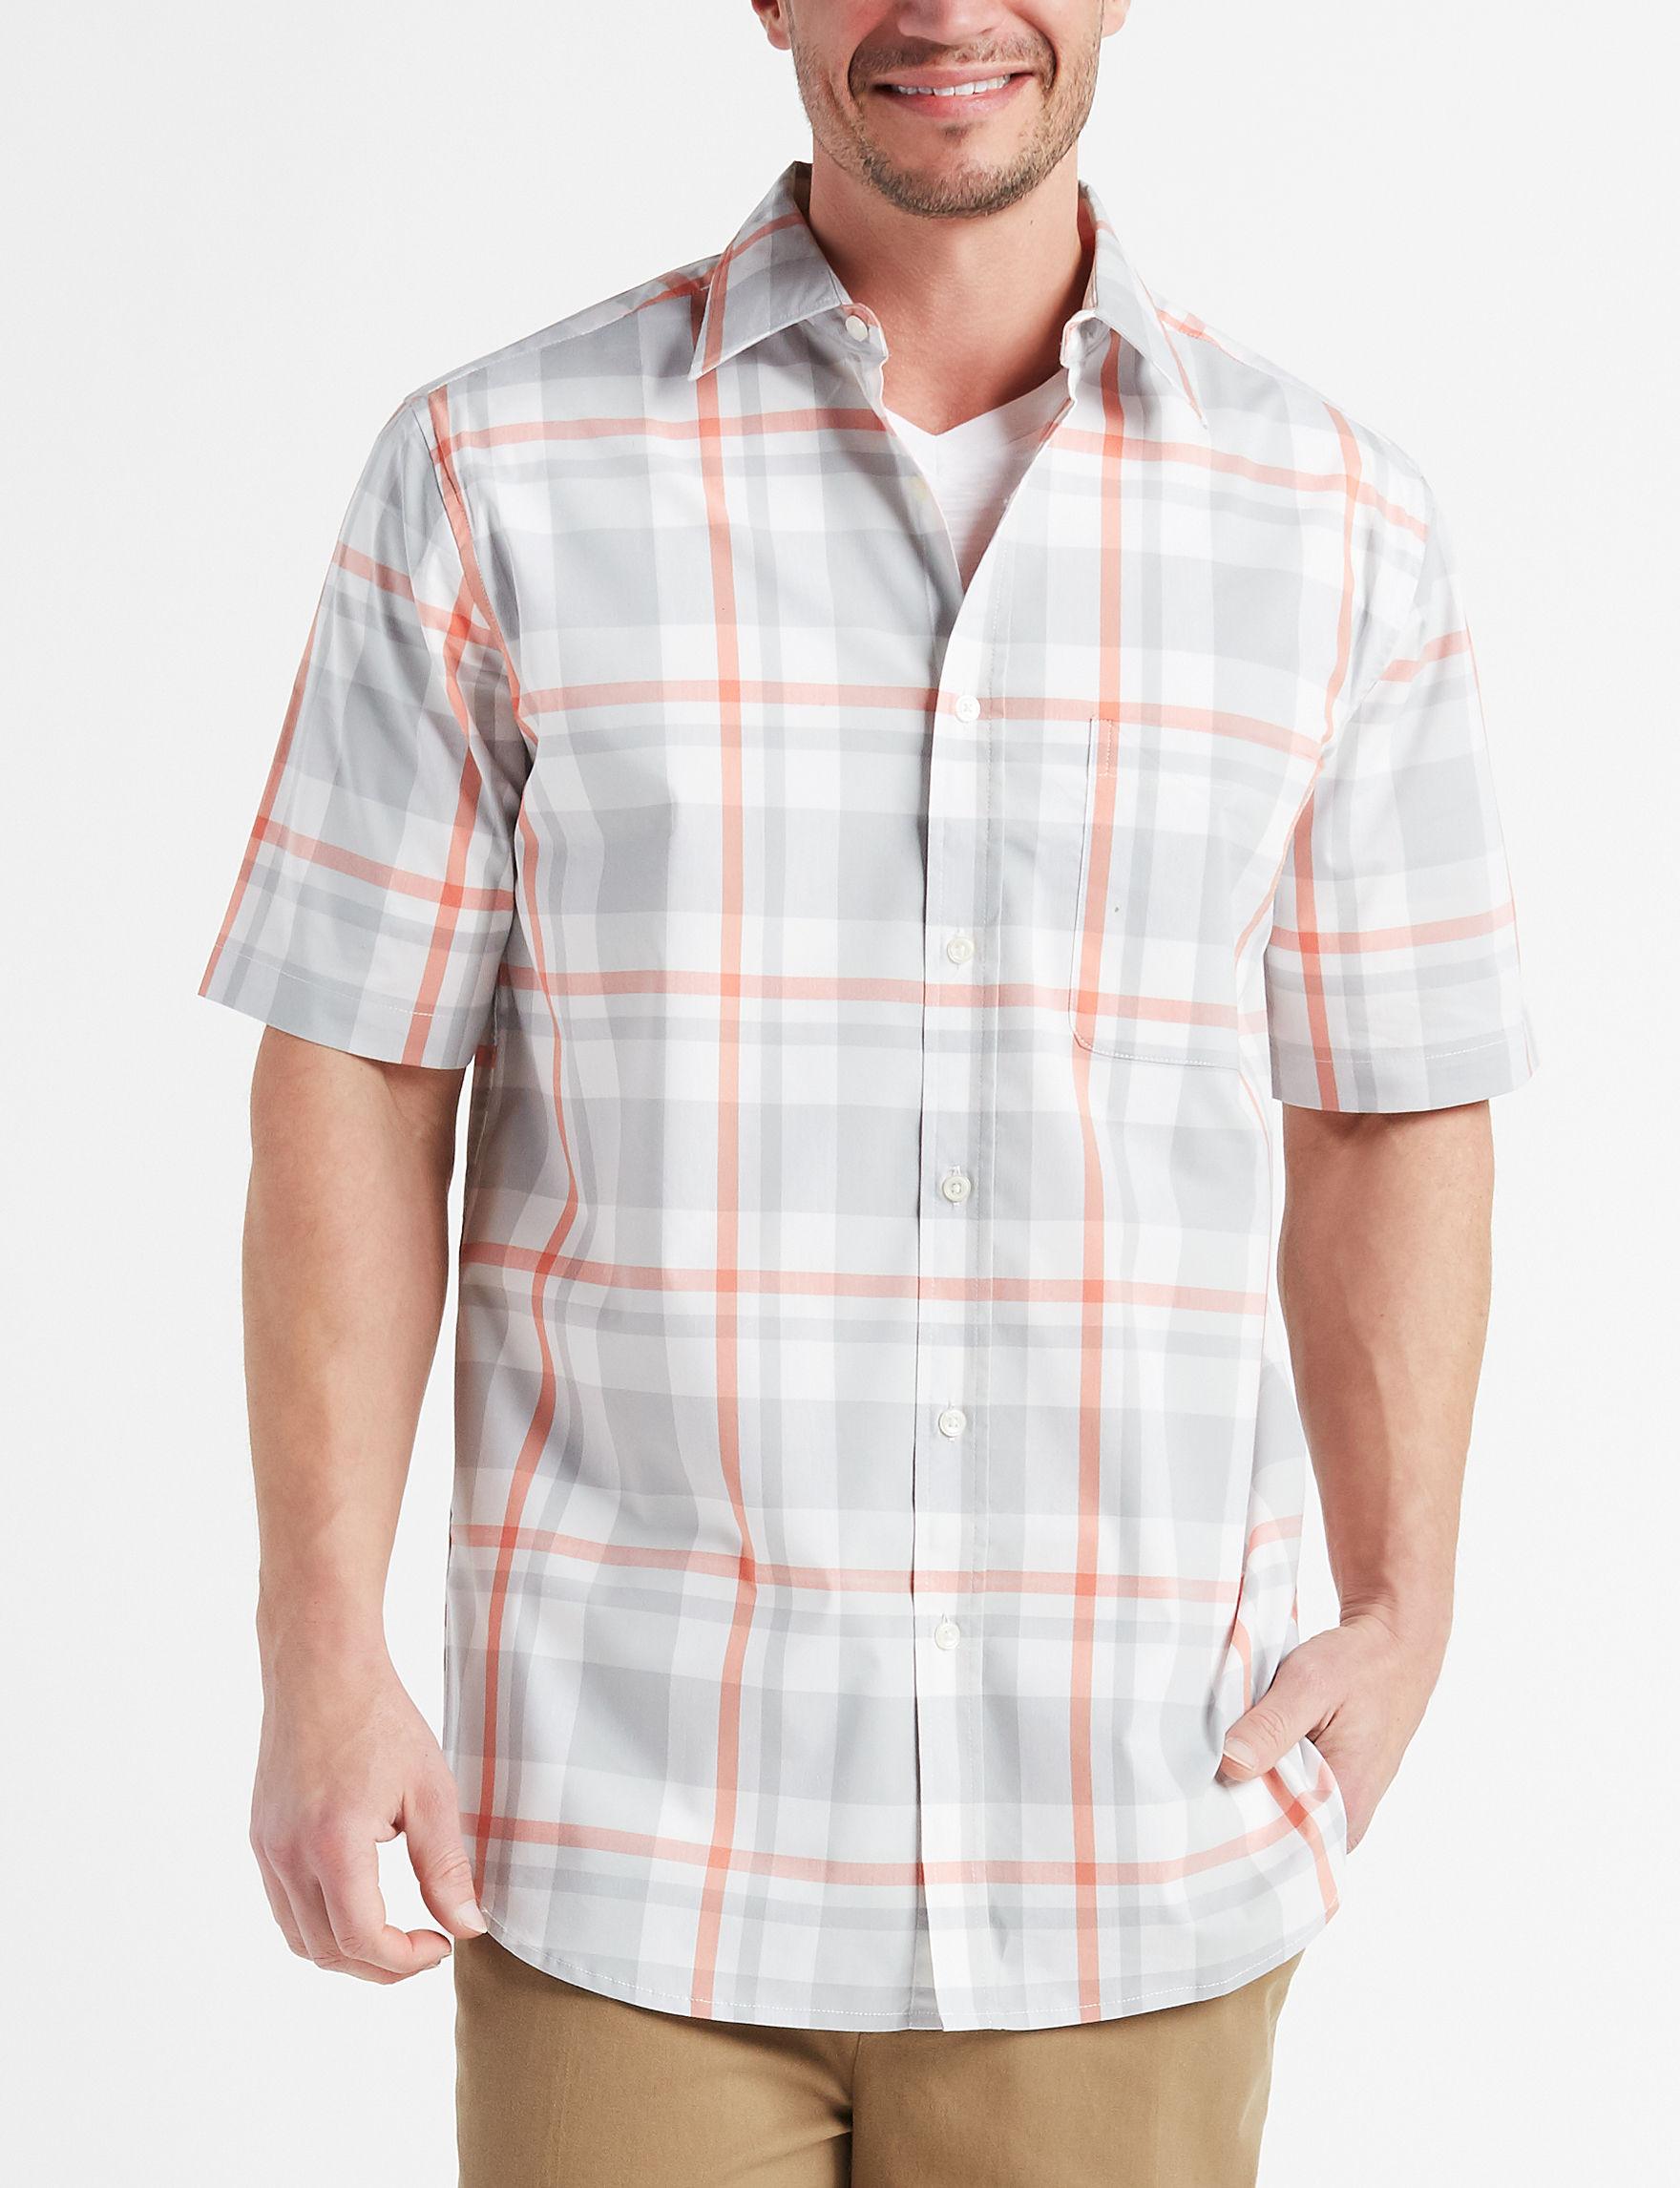 Sun River Blue Plaid Casual Button Down Shirts